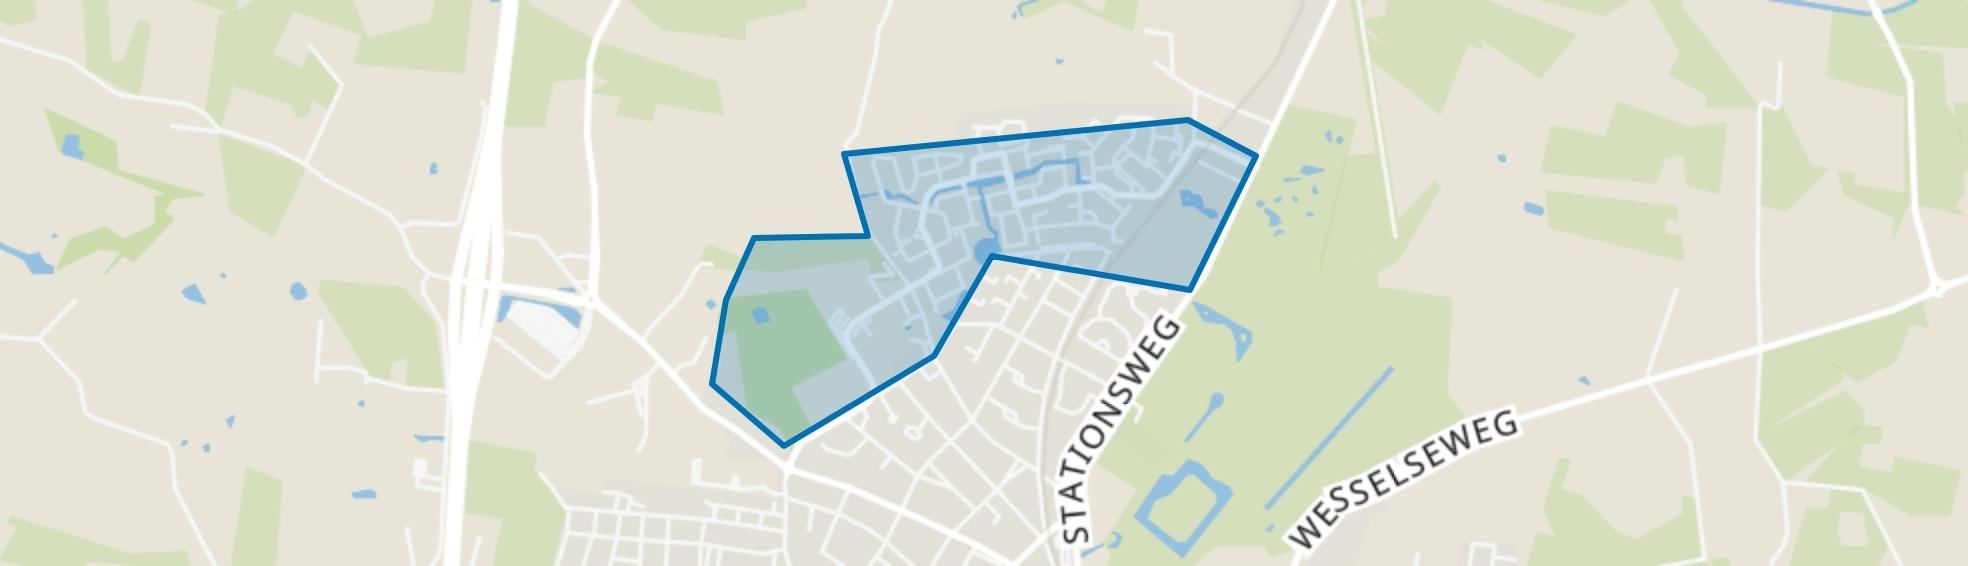 De Vaarst, Barneveld map